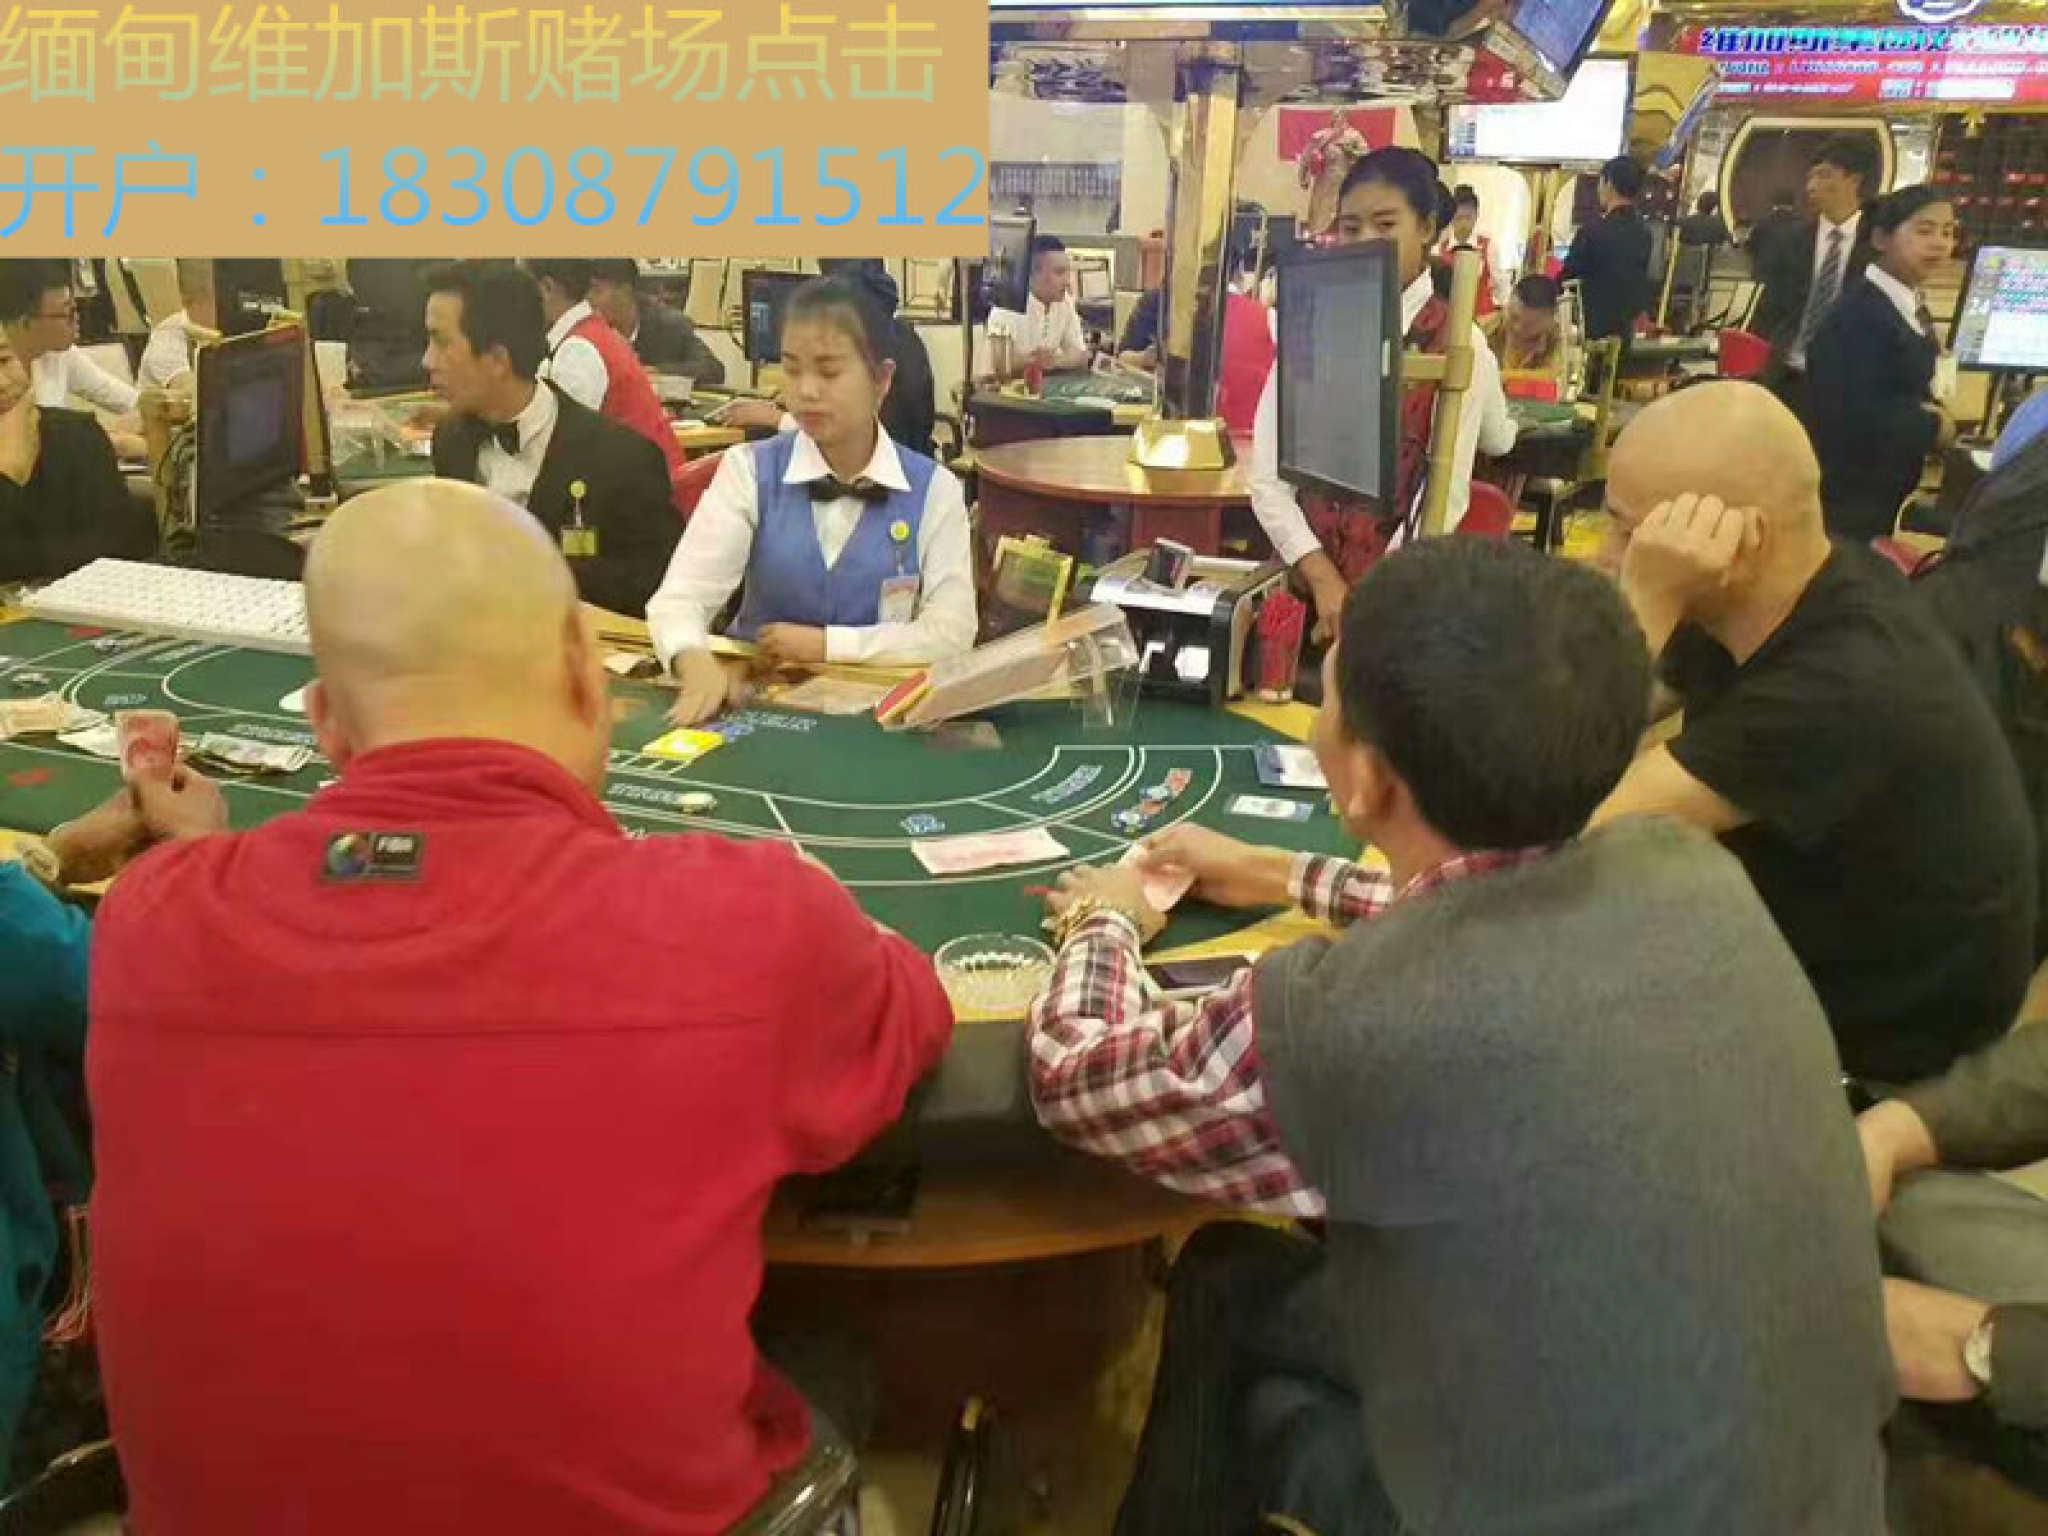 缅甸维加斯赌场电投18308791512